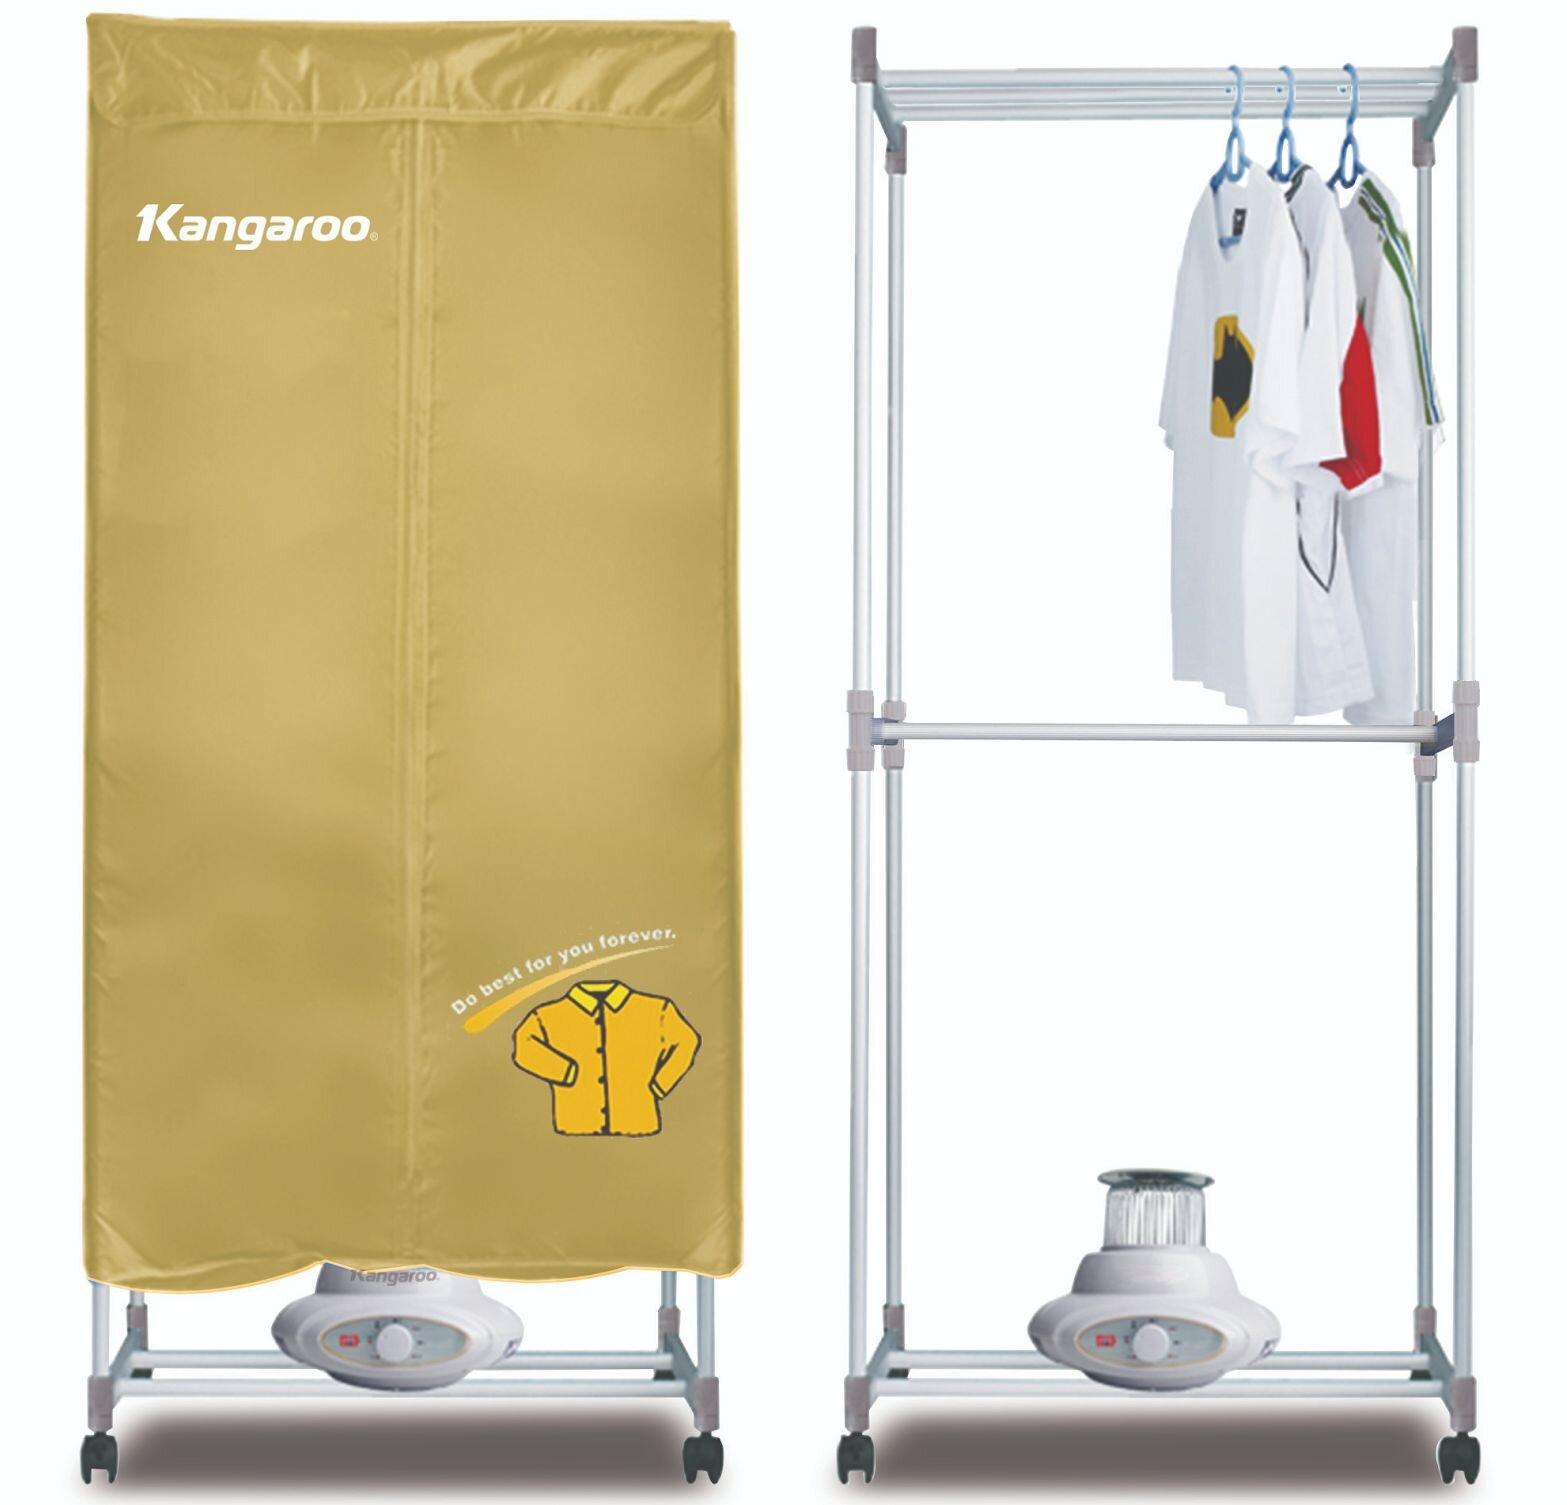 Sử dụng máy sấy áo quần Kangaroo đúng cách sẽ nâng cao độ bền